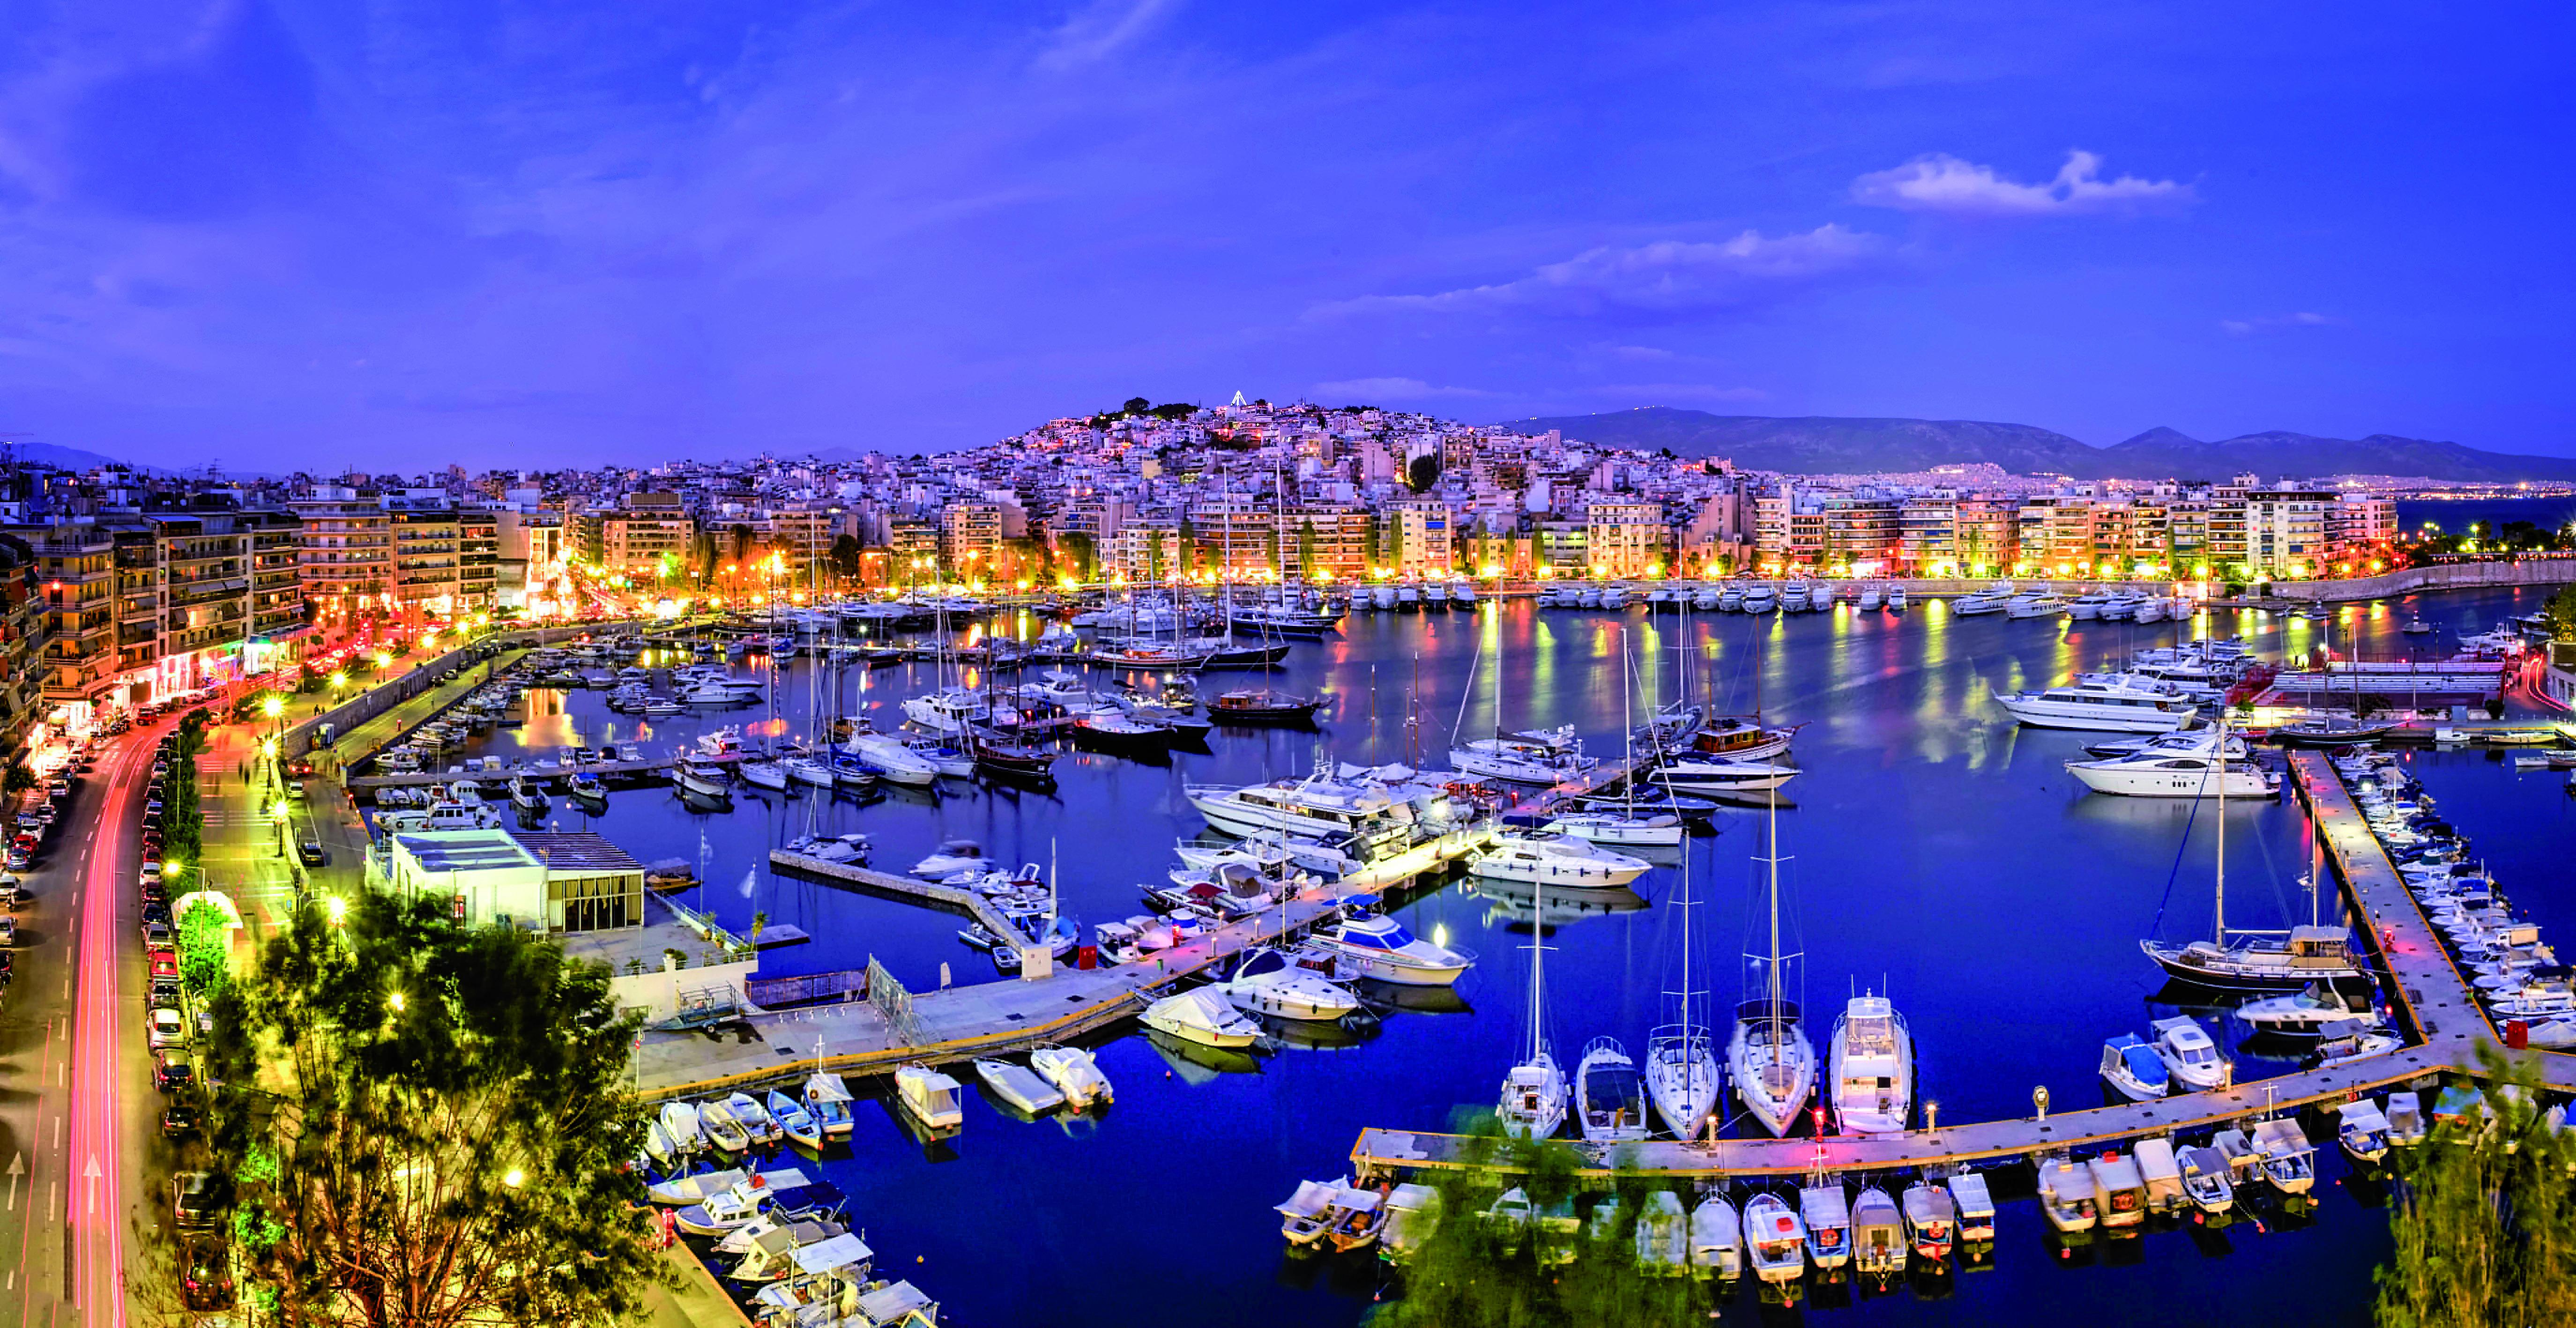 Πασαλιμάνι, Ιστιοπλοϊκά, Θάλασσα, Λιμάνι, Πειραιάς